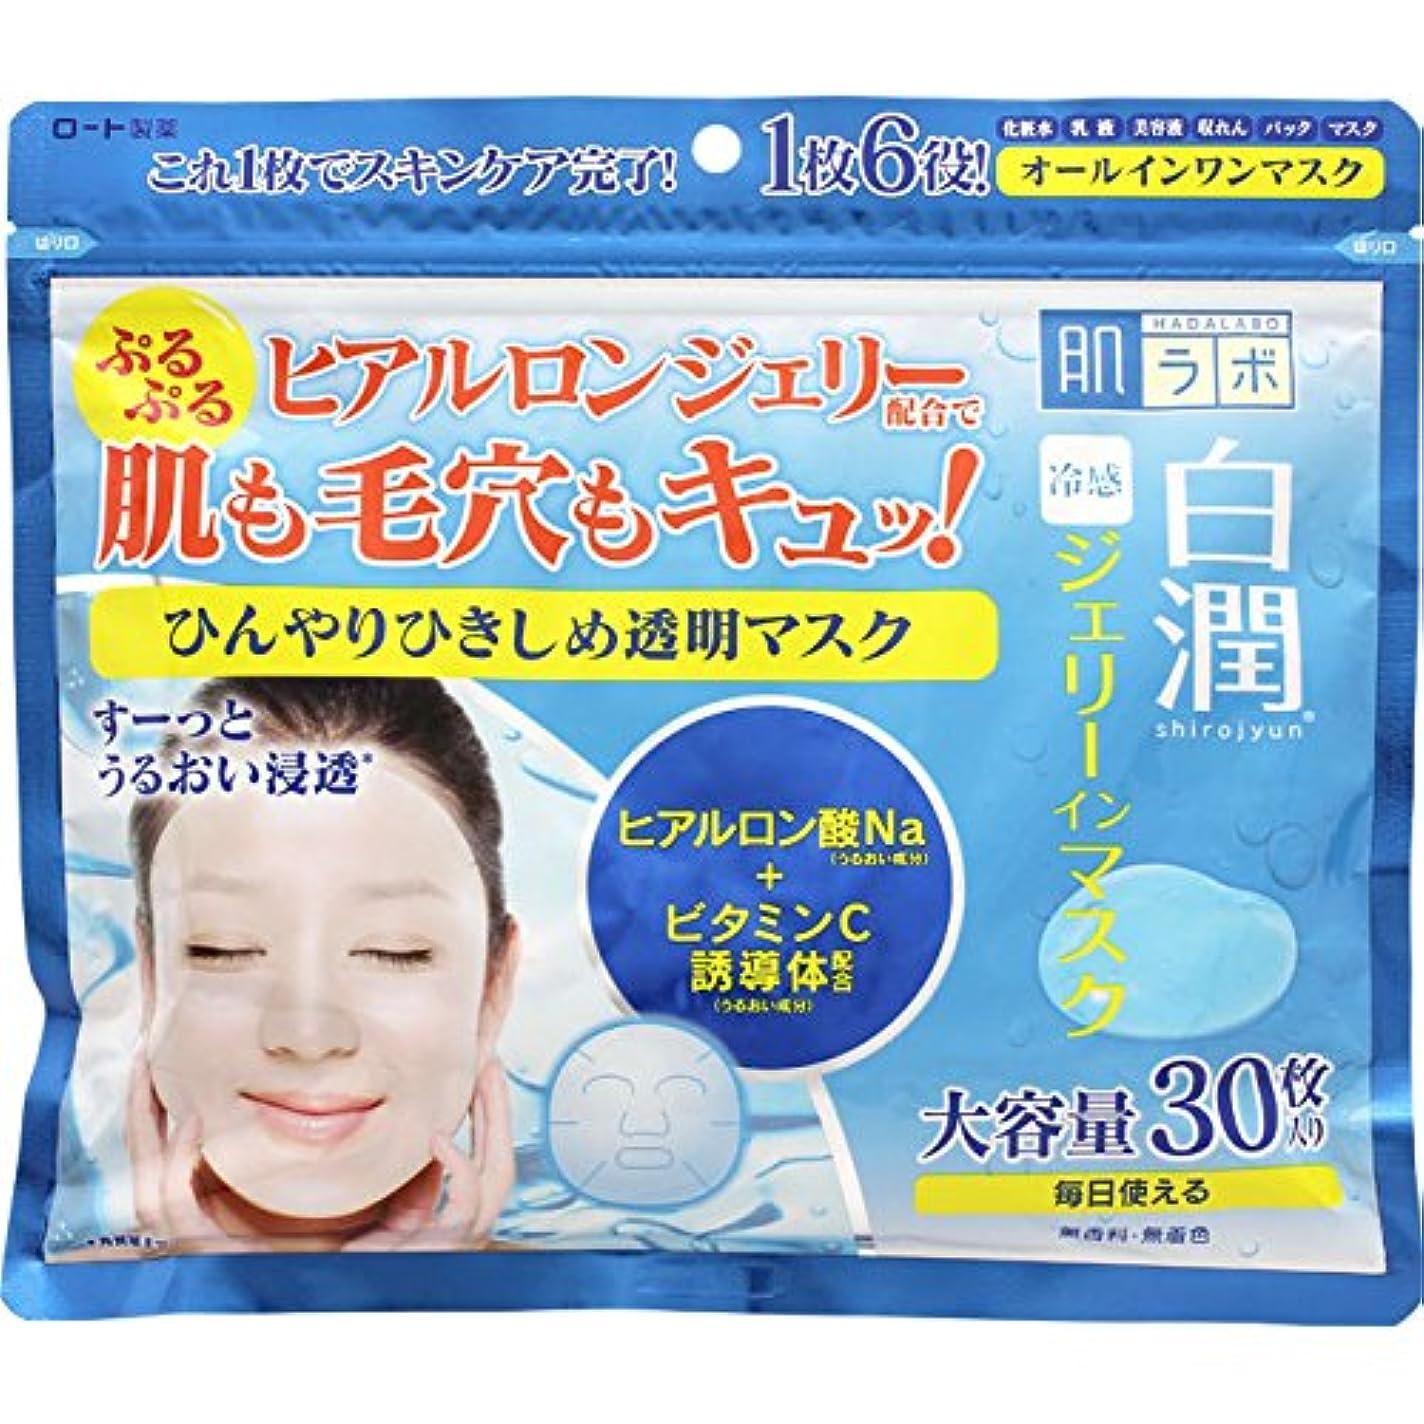 ブラケット下手歌手肌ラボ 白潤 冷感ジェリーインマスク 化粧水?乳液?美容液?収れん?パック?マスクの1枚6役 大容量30枚